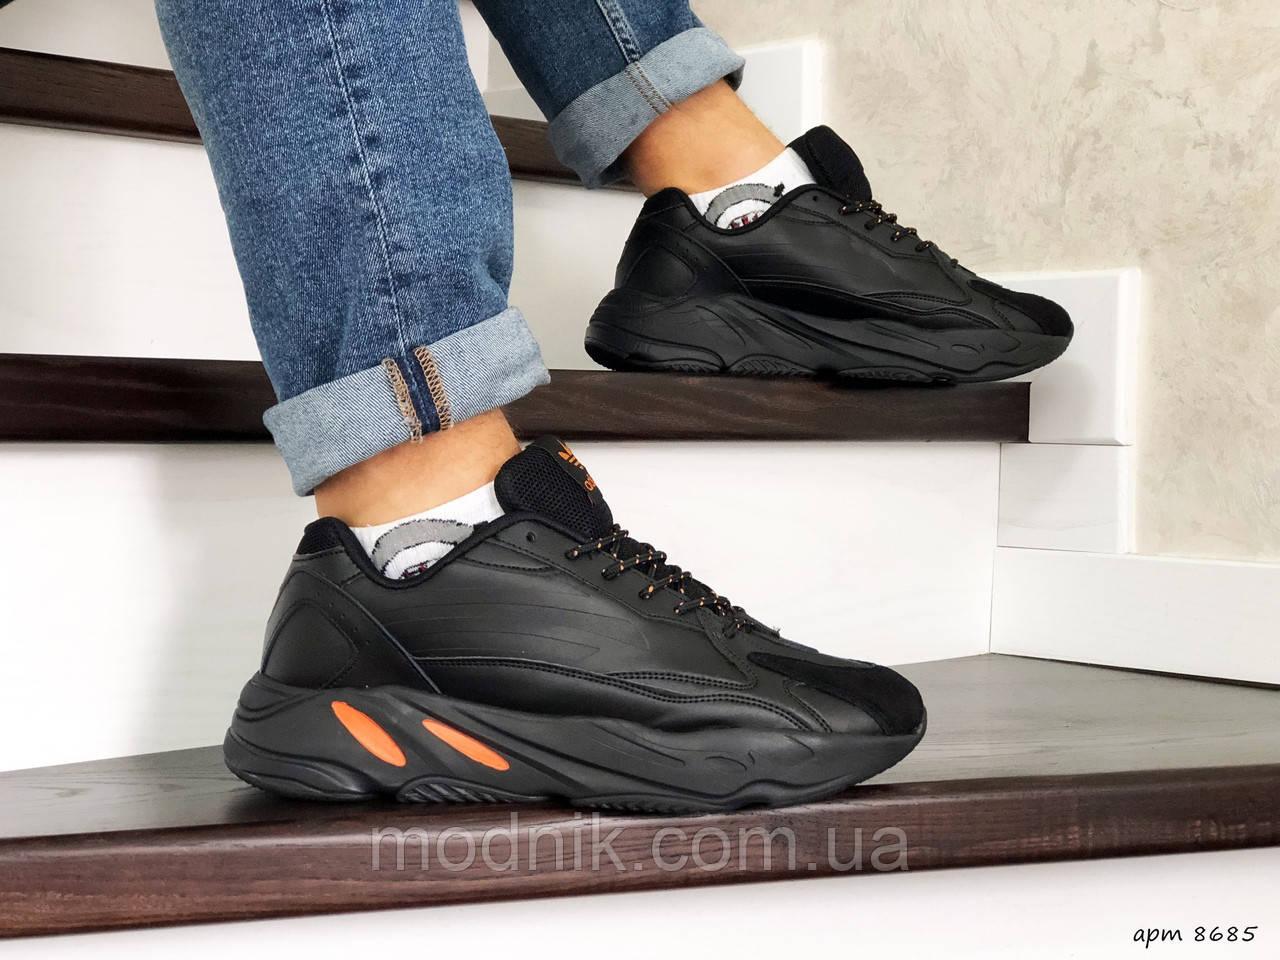 Мужские кроссовки Adidas Yeezy Boost 700 (черно-оранжевые)